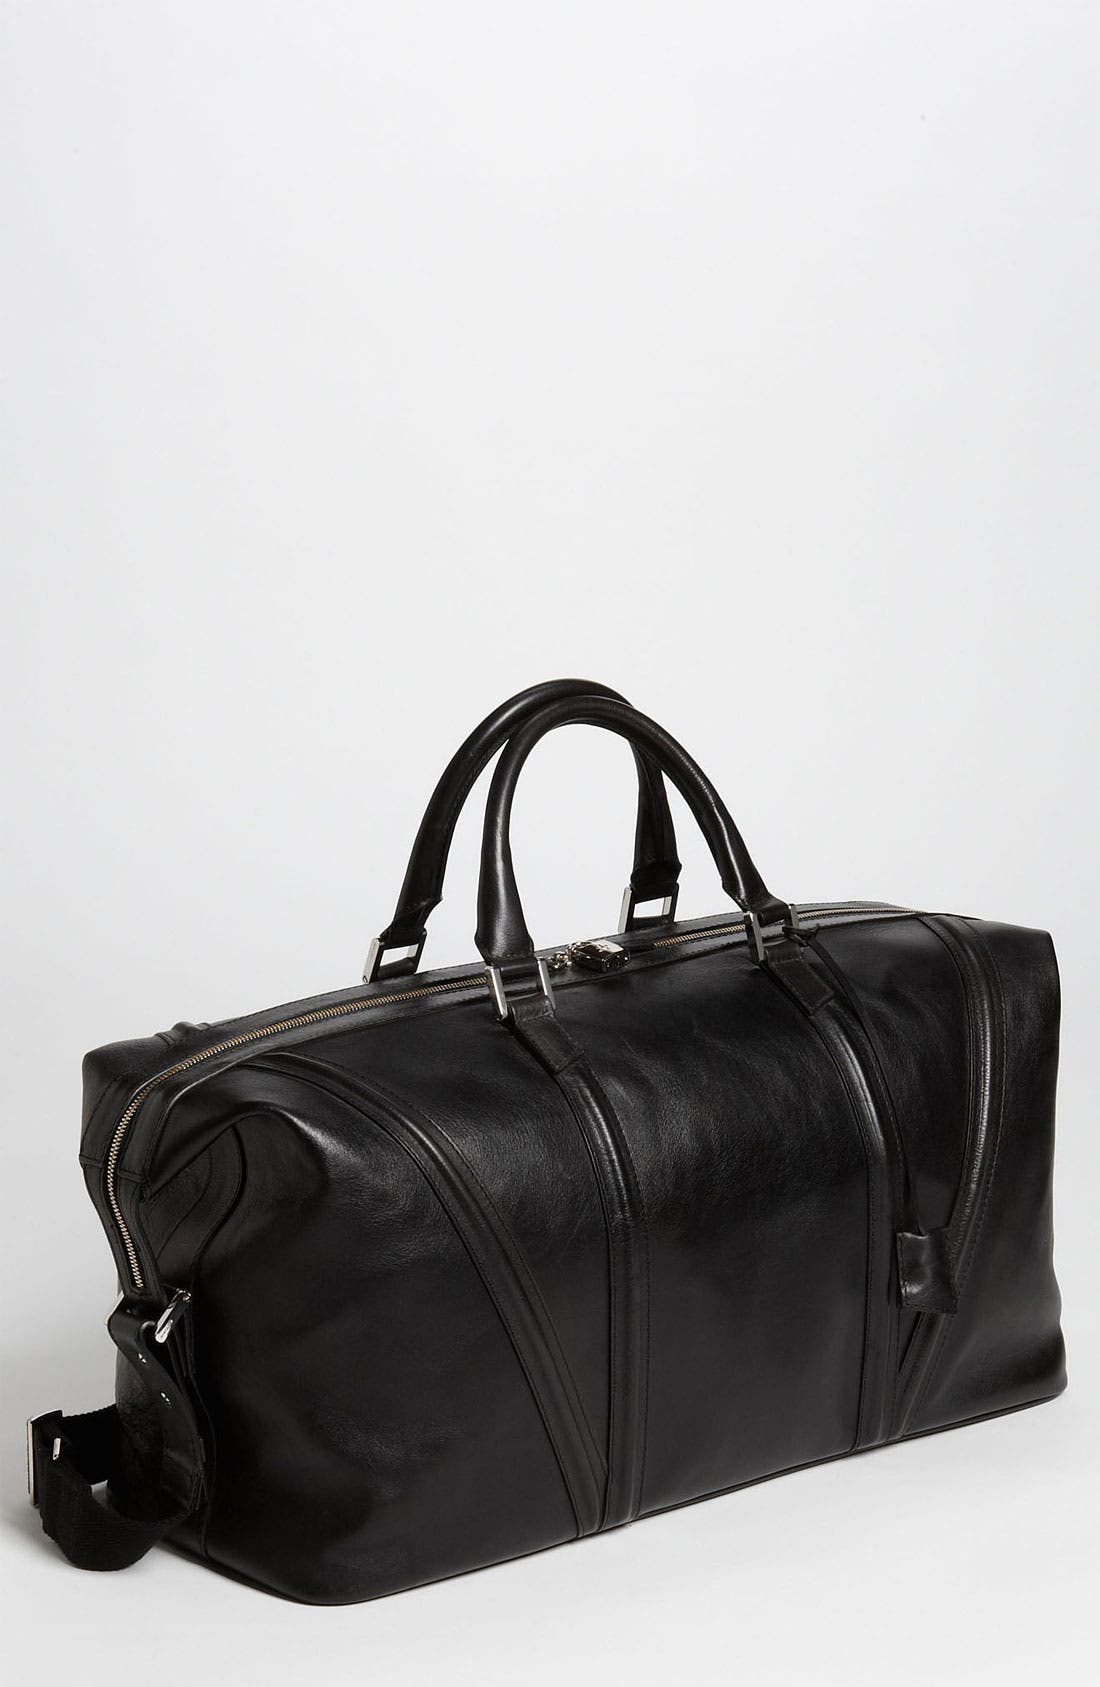 Main Image - WANT Les Essentiels De La Vie 'Deurne' Leather Duffel Bag